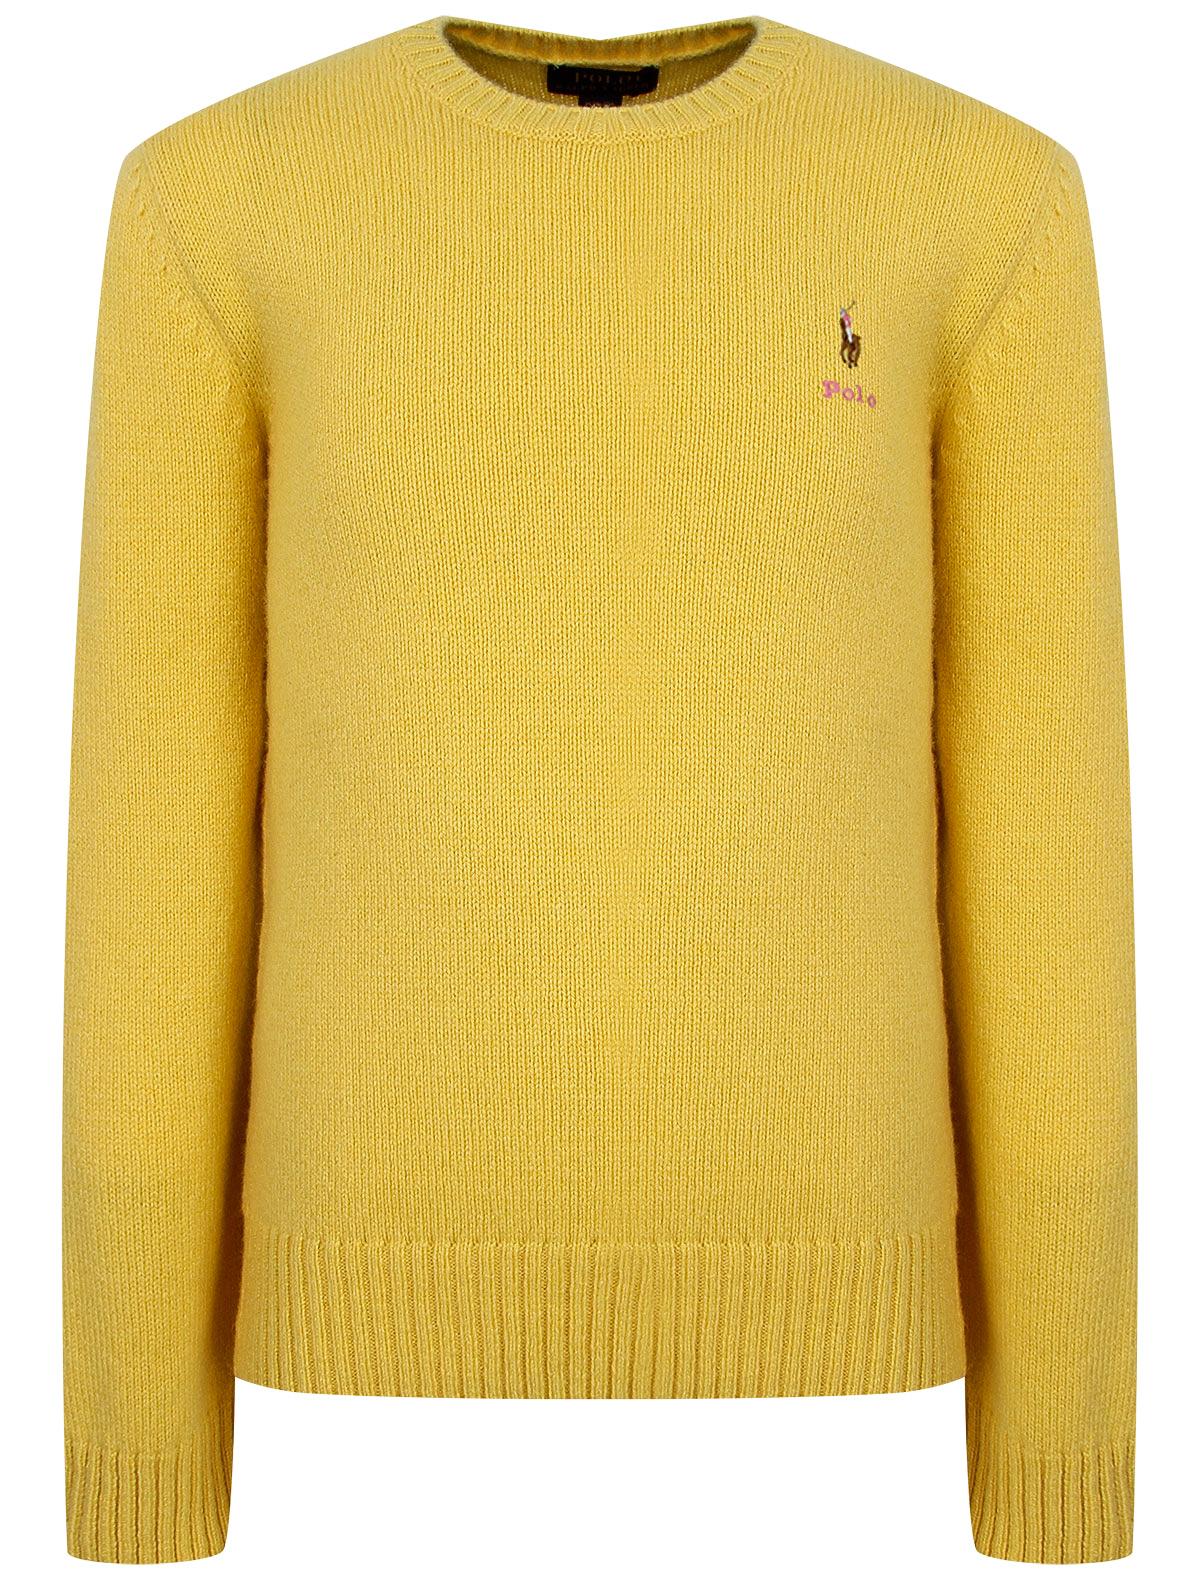 Купить Джемпер Polo Ralph Lauren для девочек 311800168003 желтый 92,